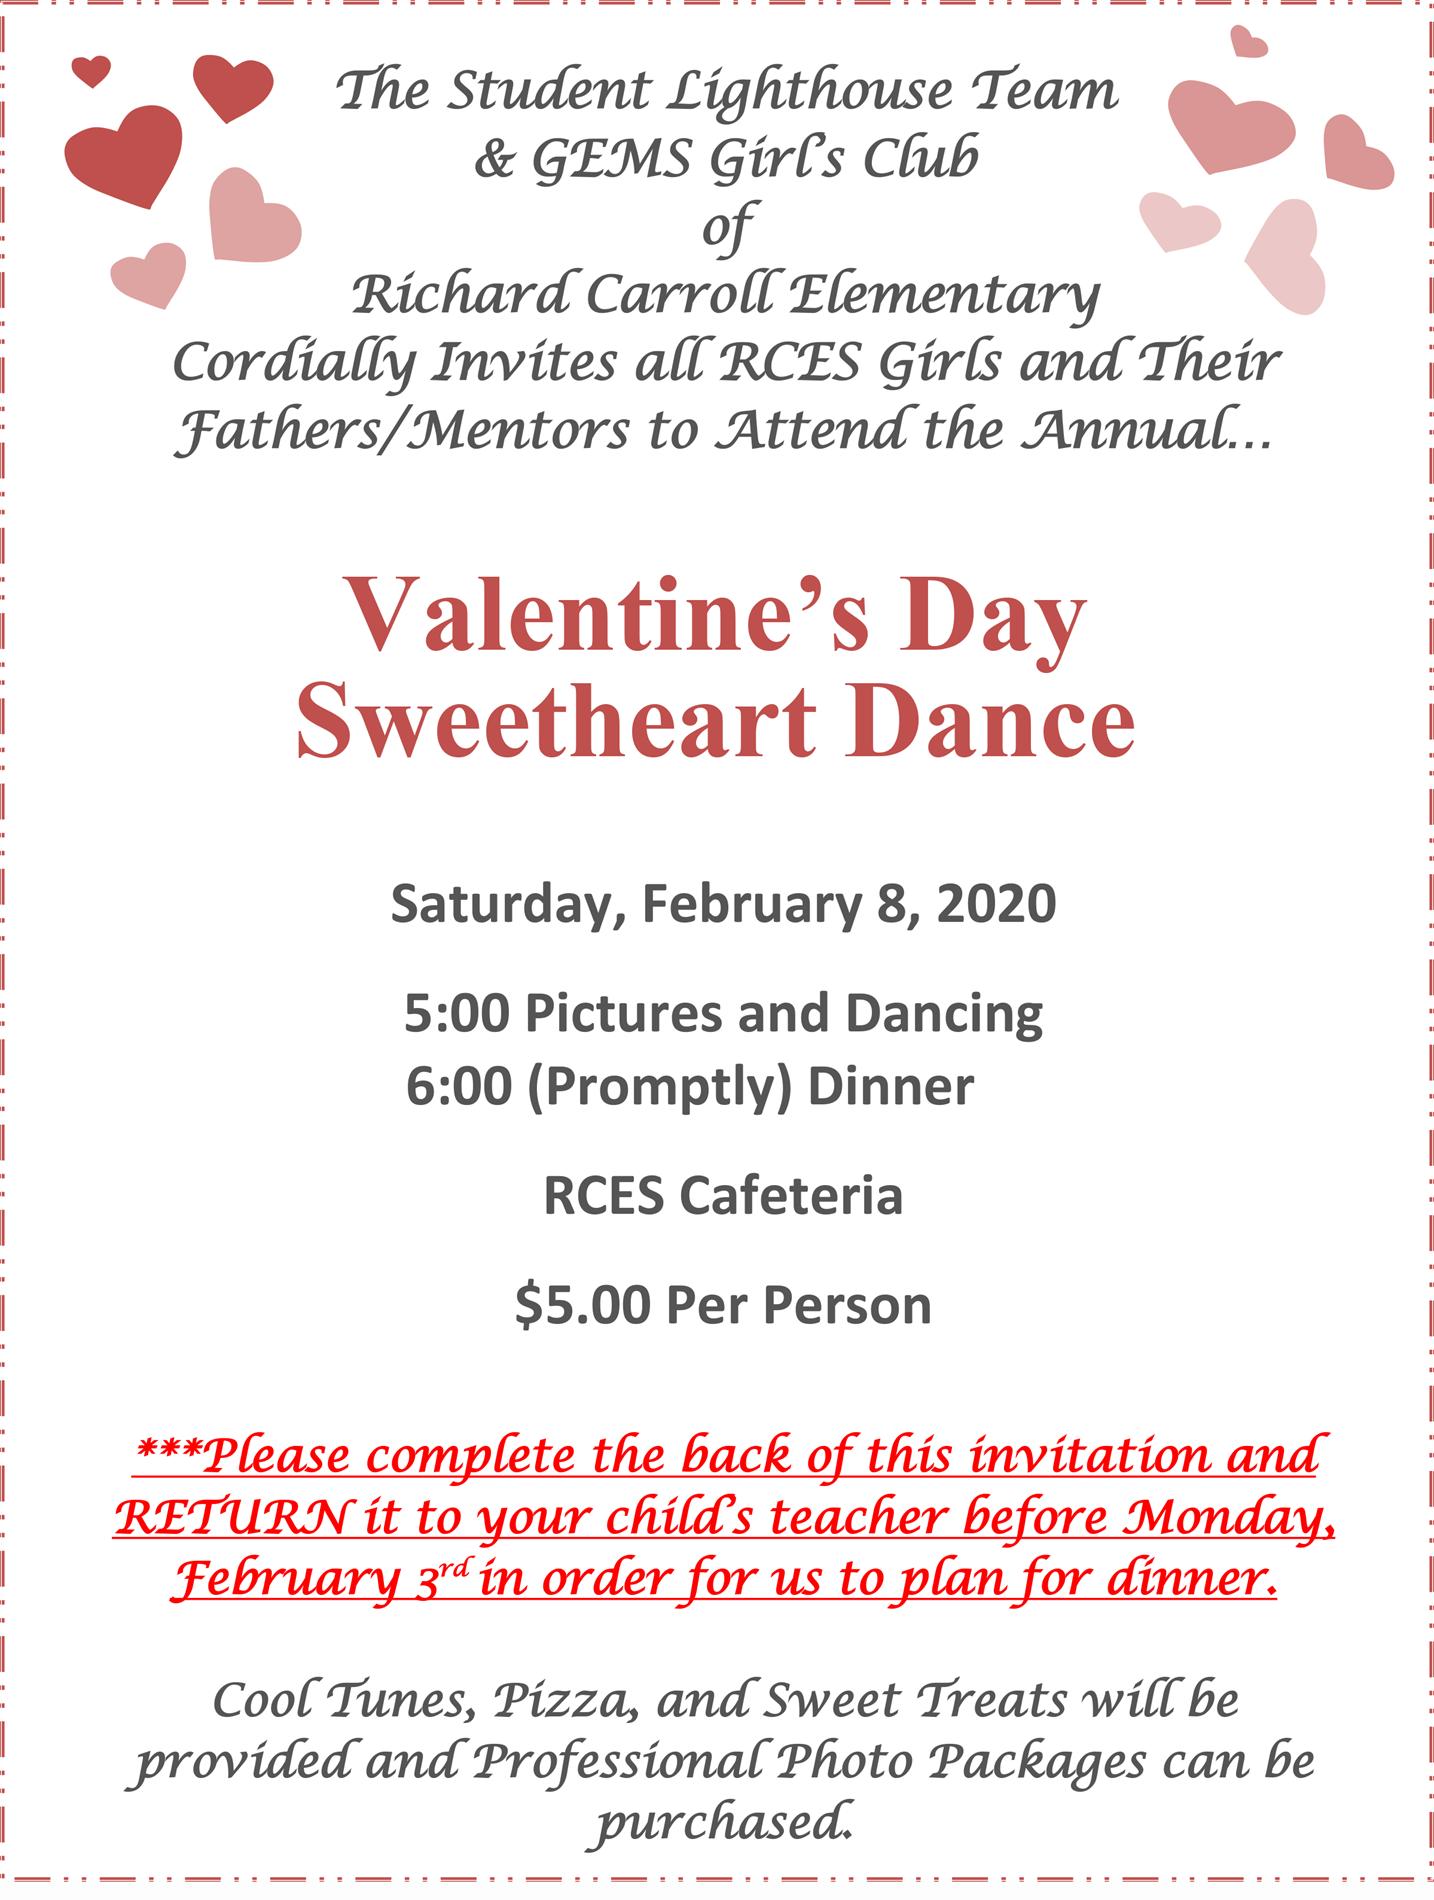 Valentine's Day Dance Flyer